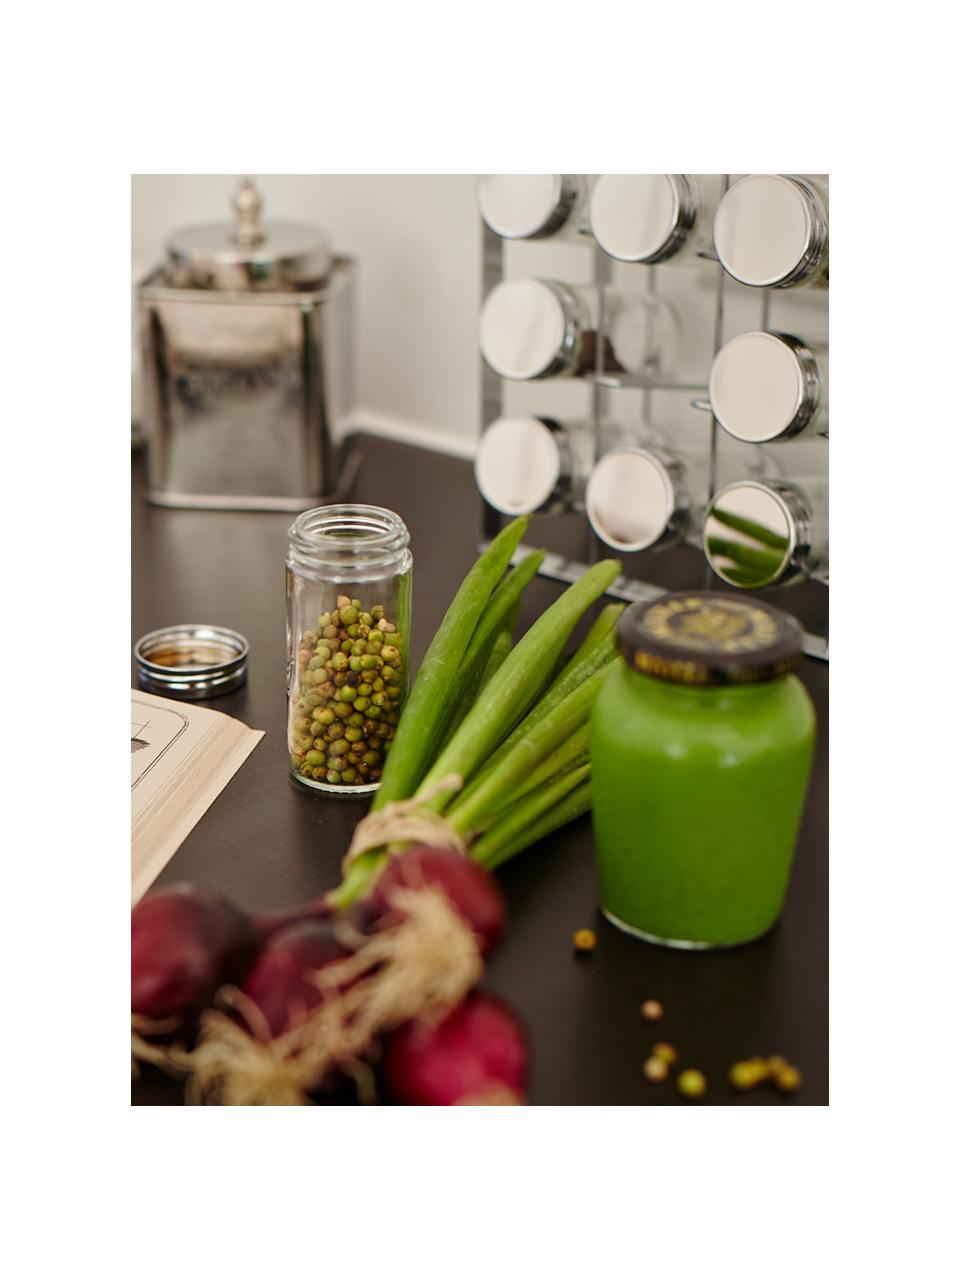 Ménagère à épices Spices, 13élém., larg. 24 x haut. 22cm, Couleur argentée